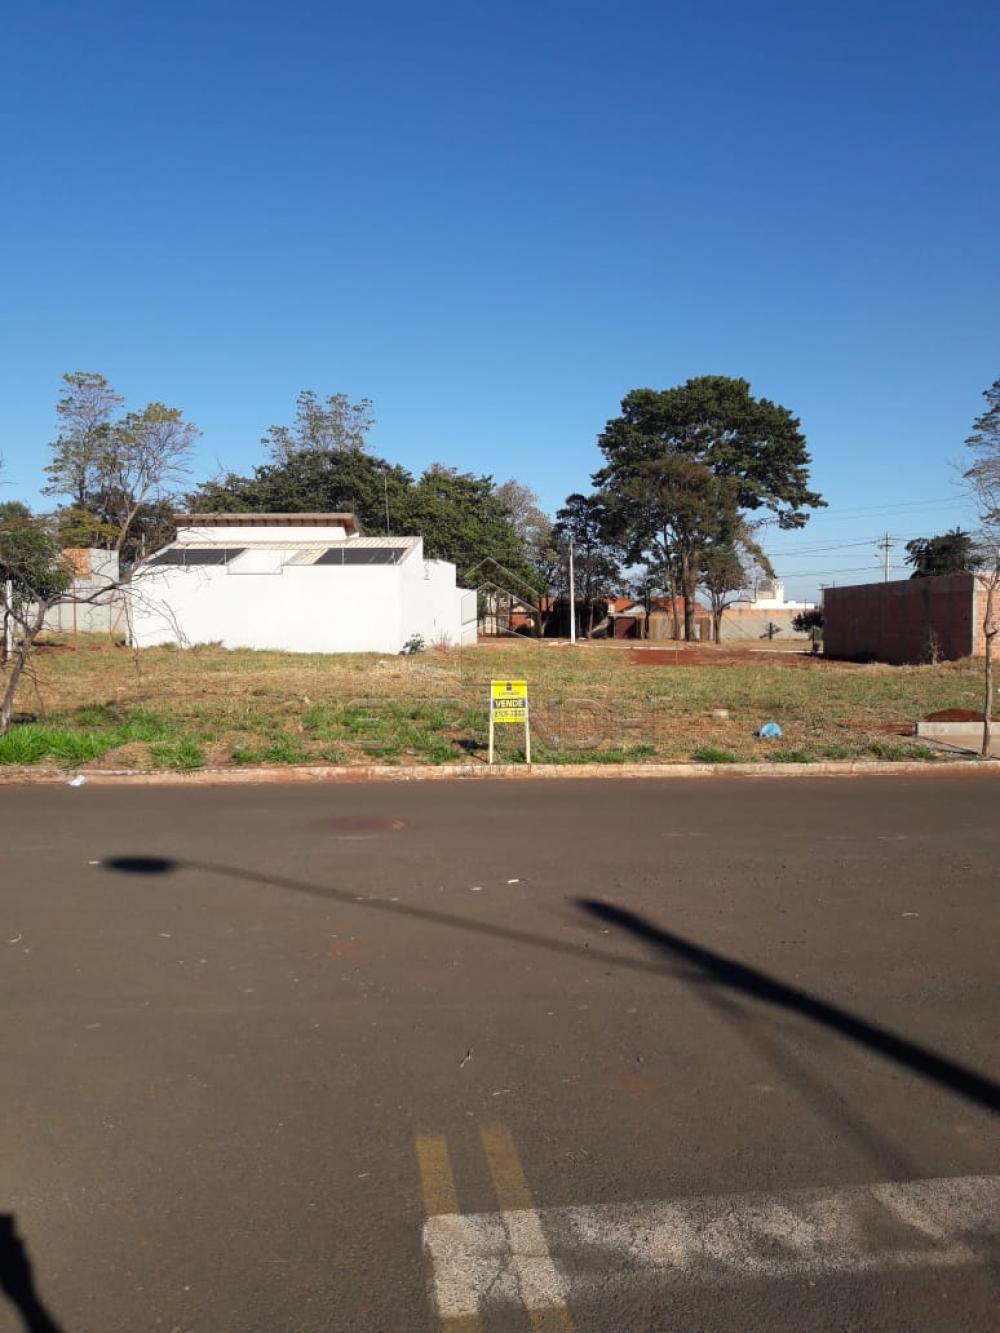 Comprar Terrenos / Padrão em Sertãozinho apenas R$ 99.000,00 - Foto 4